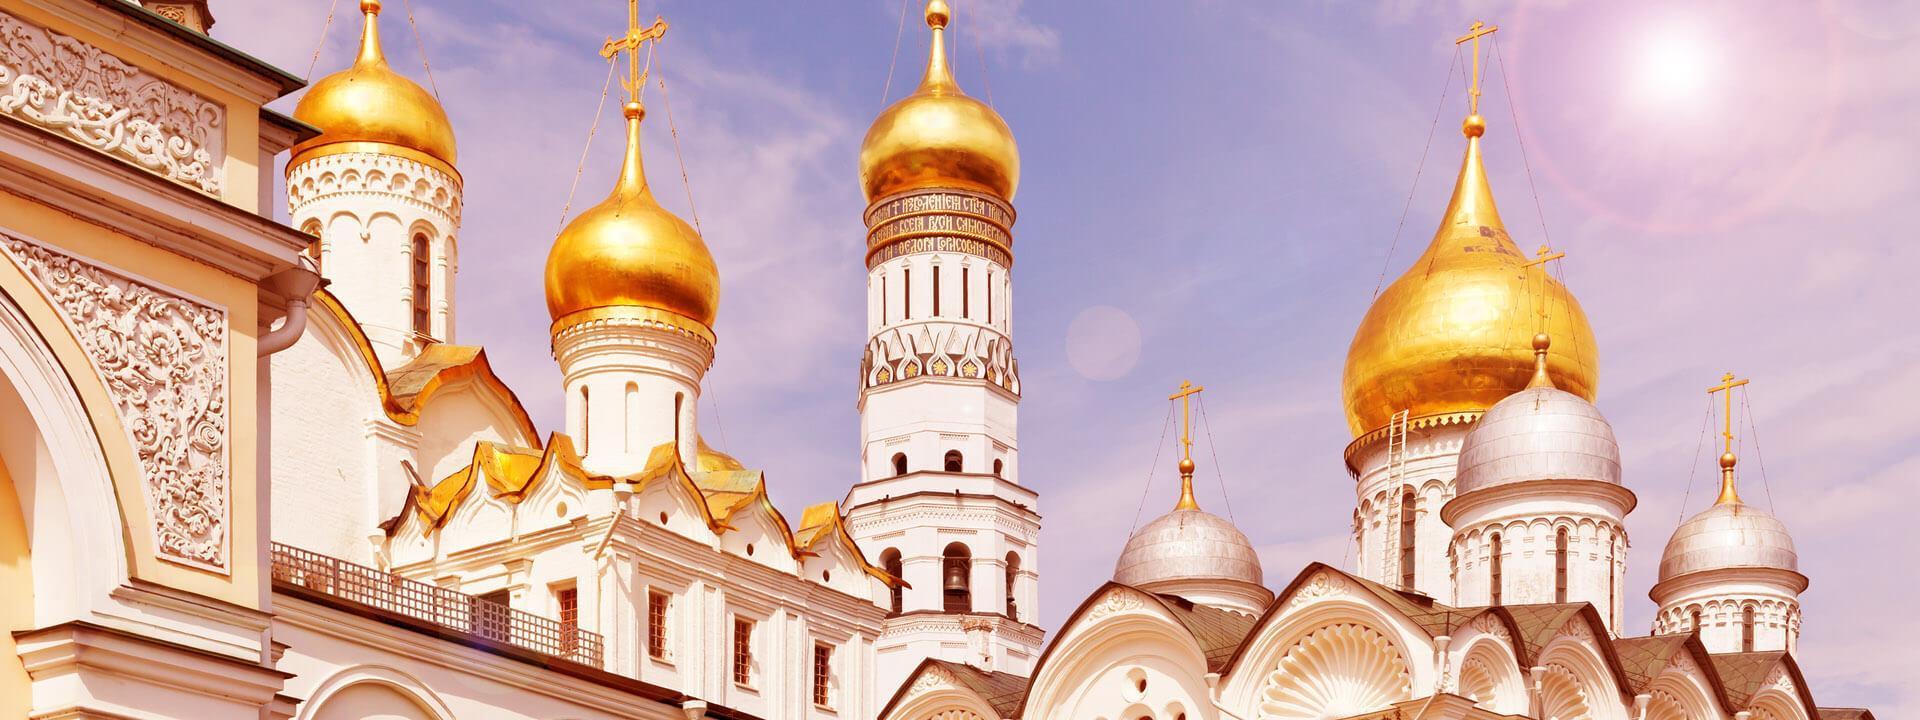 Russland Reise Bild